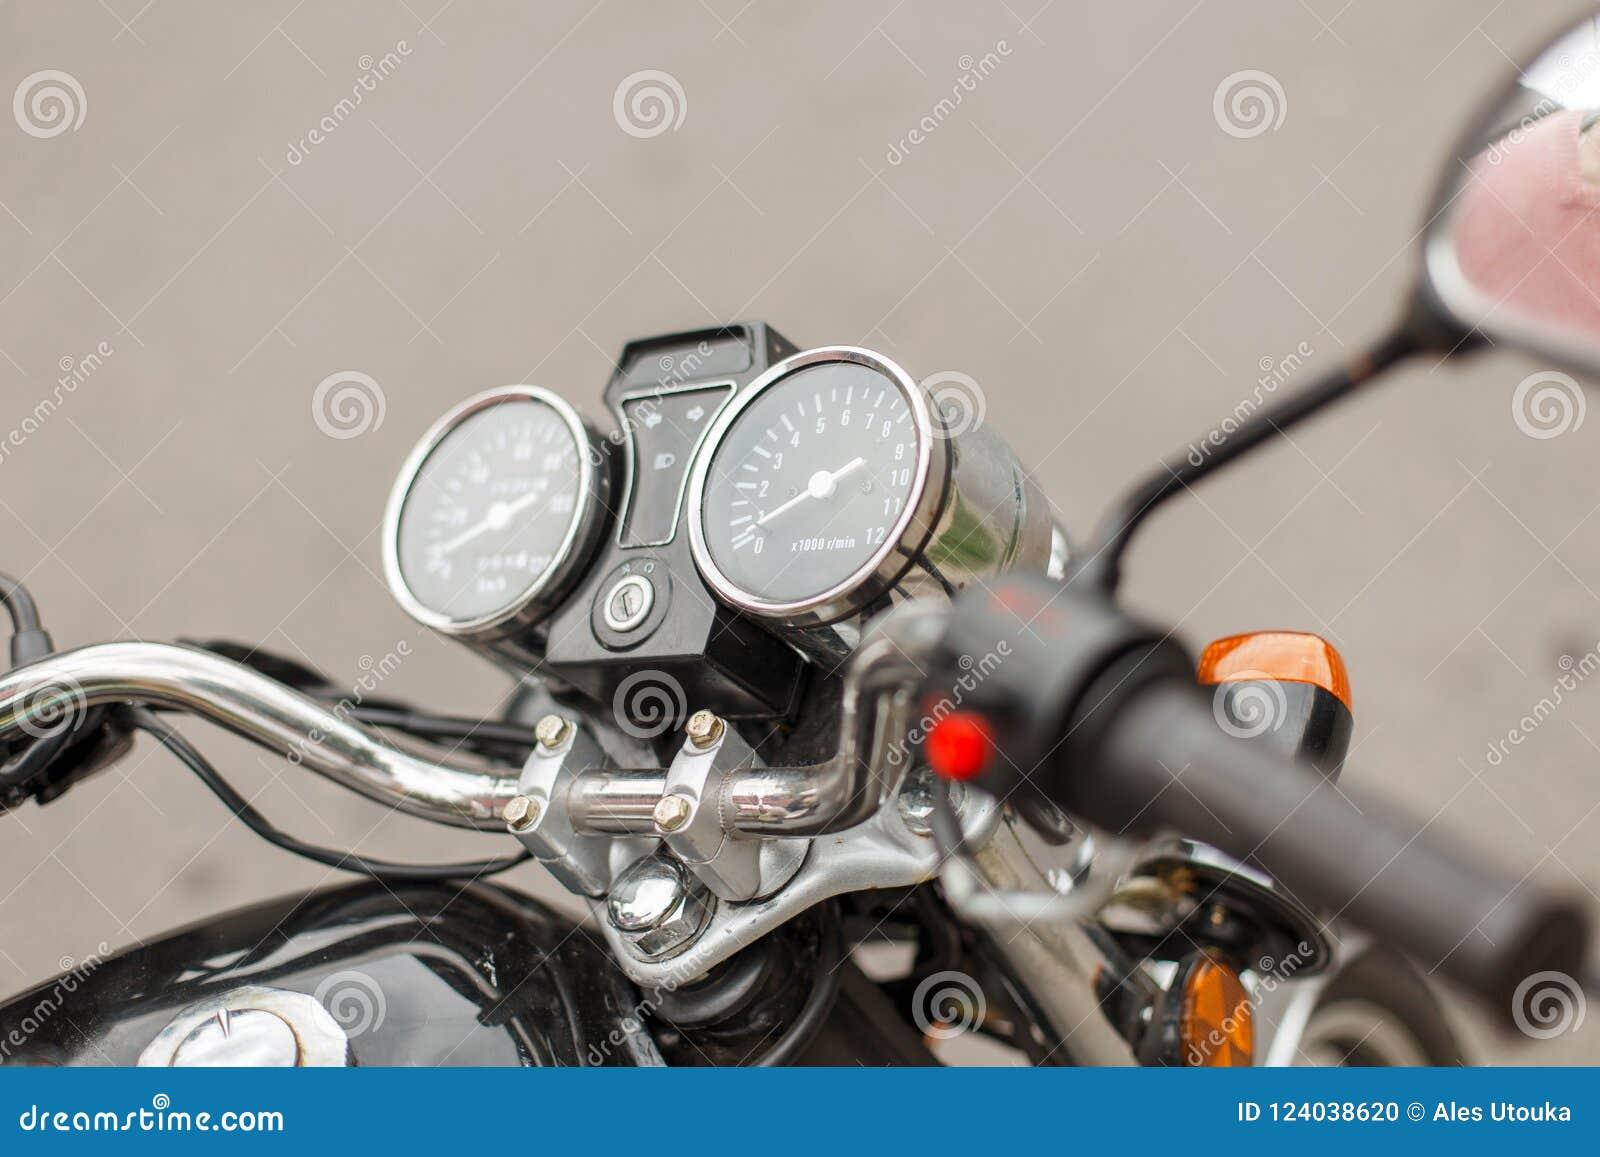 Vintage motorcycle speedometers